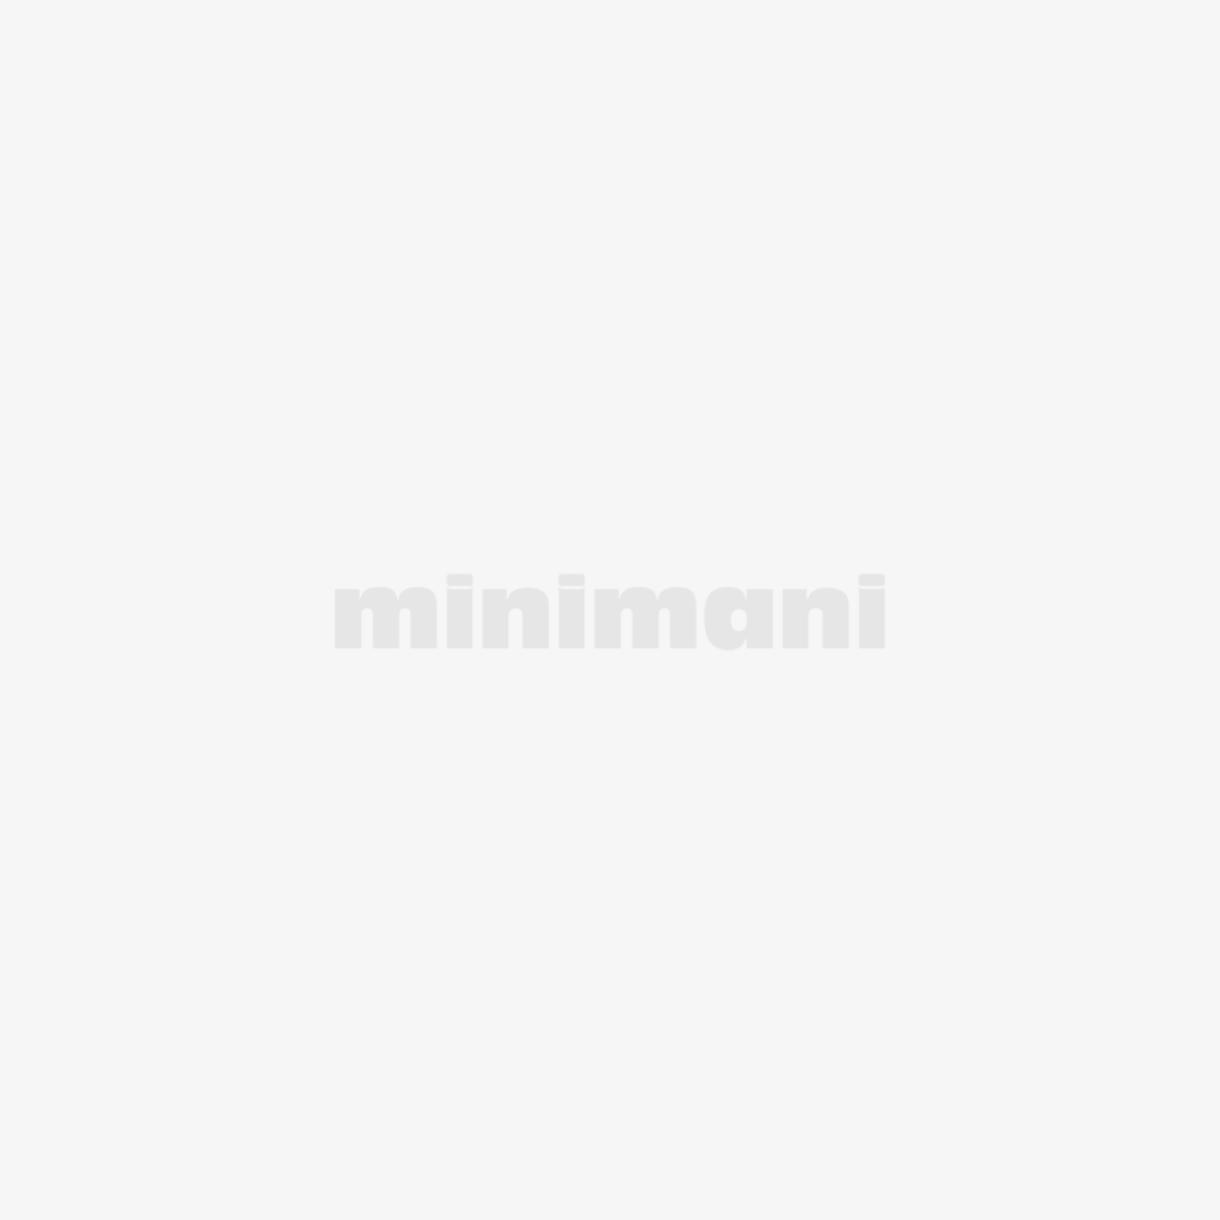 Airam Milja 20 led-lankapallot valkoinen